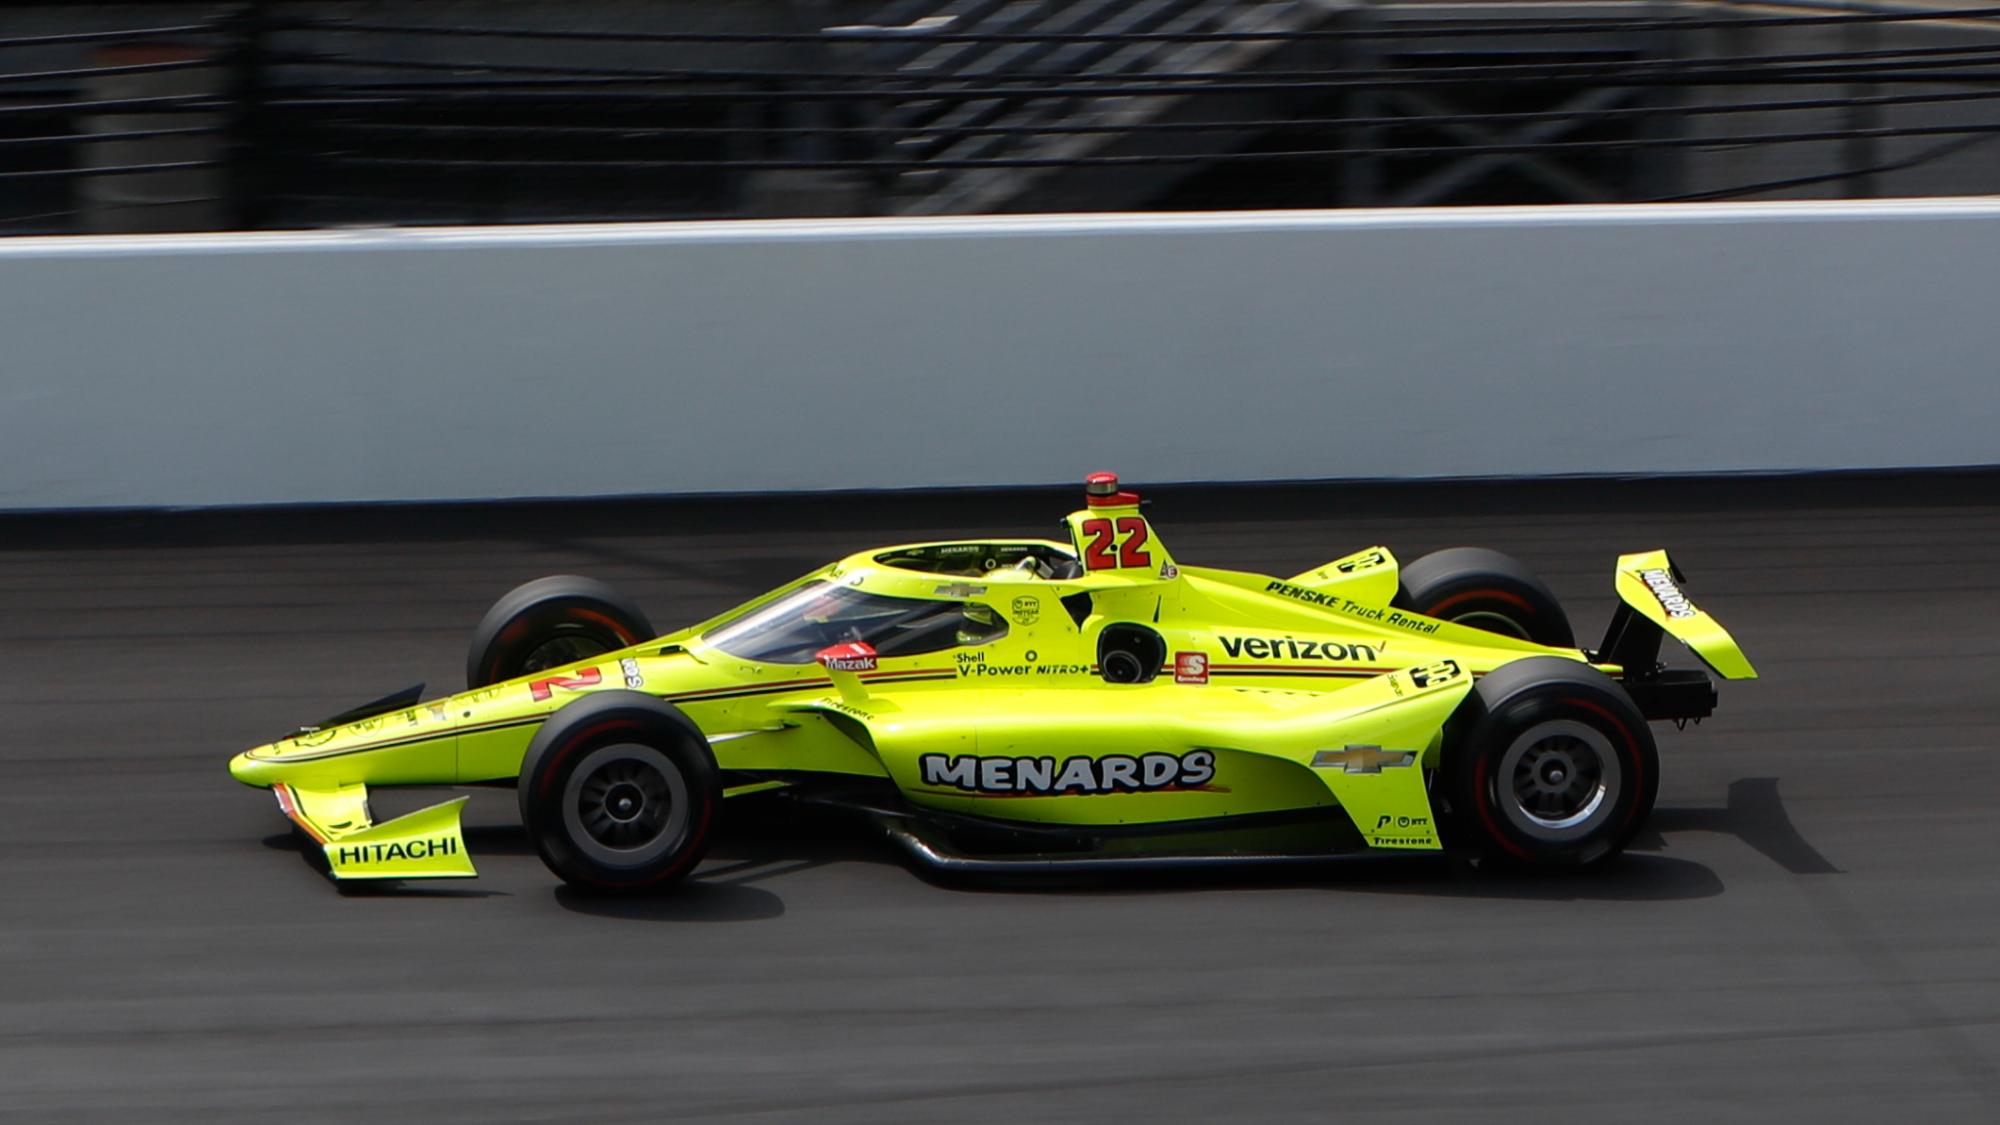 Simon Pagenaud, 2020 Indy 500